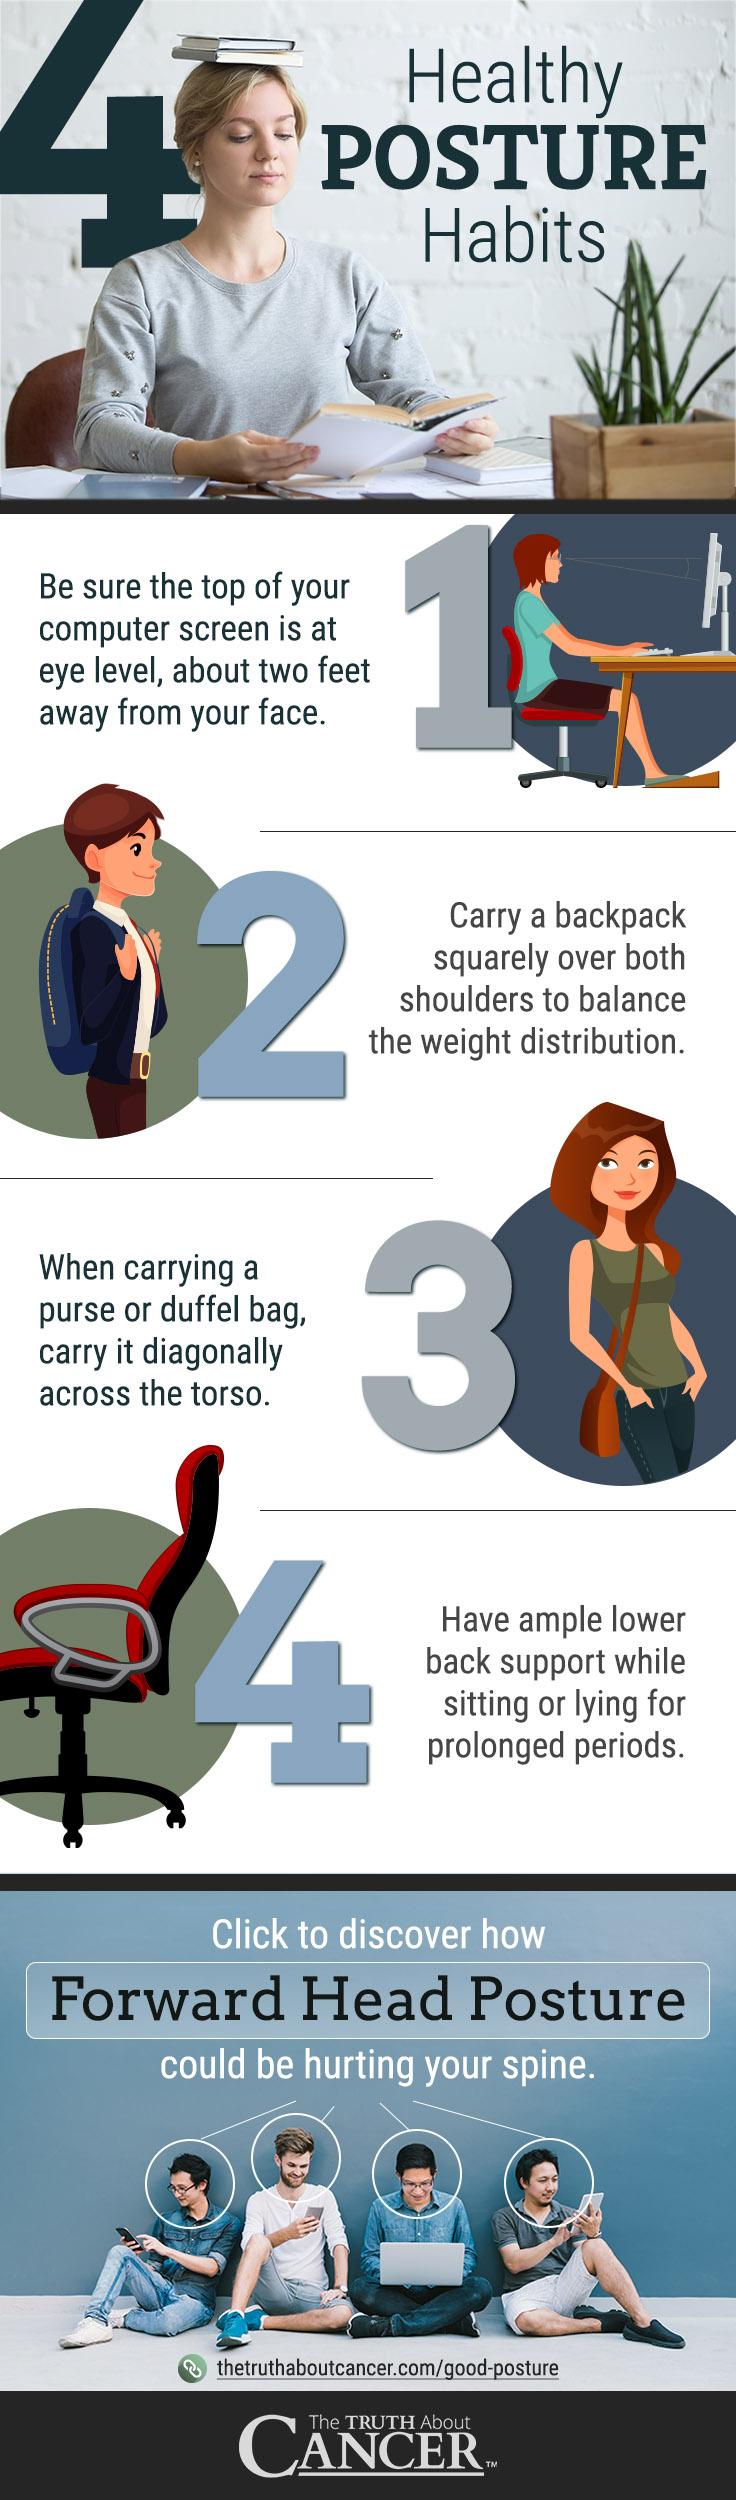 4健康姿勢習慣